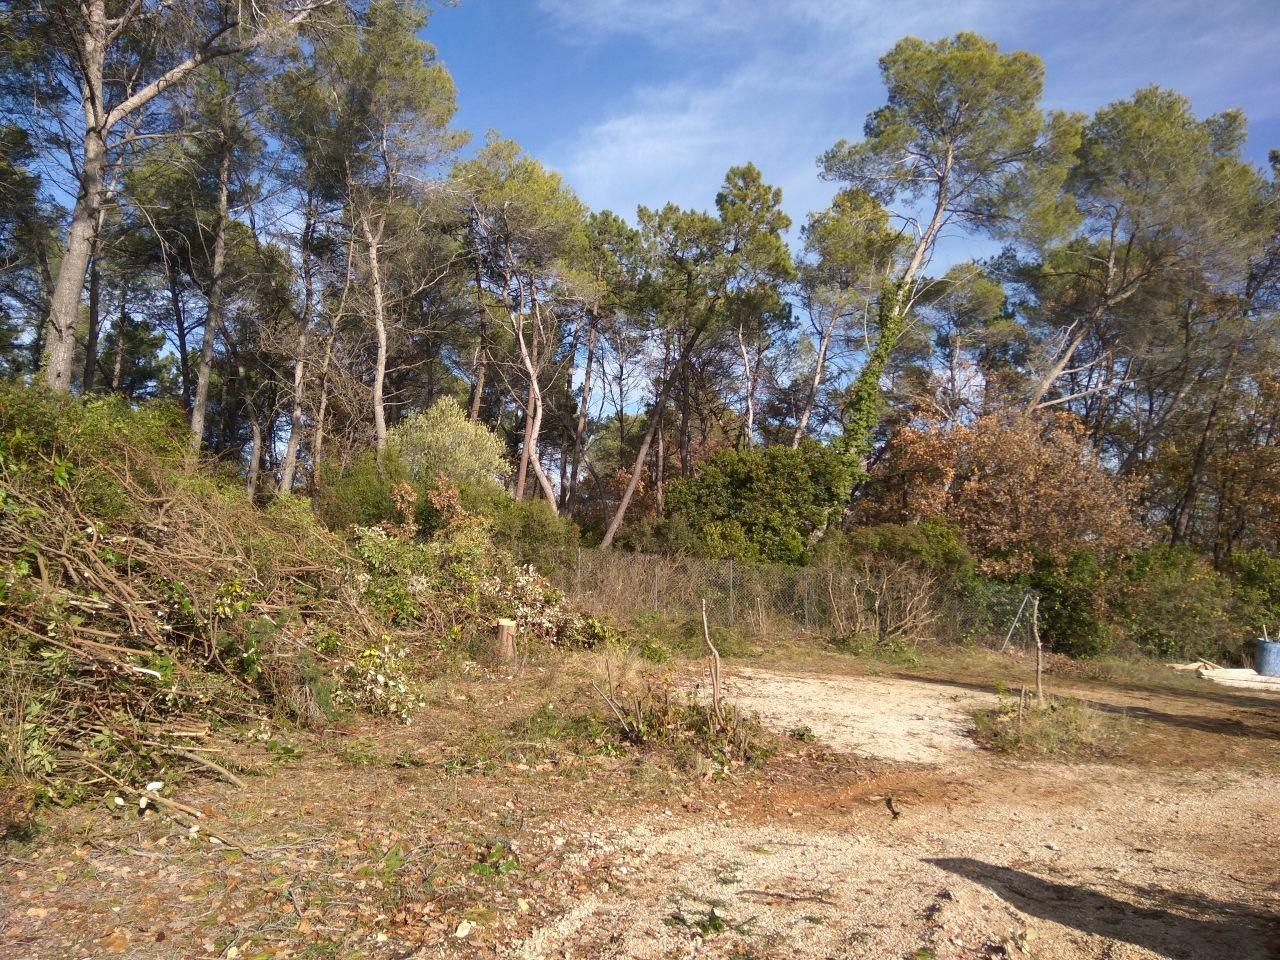 Nettoyage du terrain et abattage d'arbre